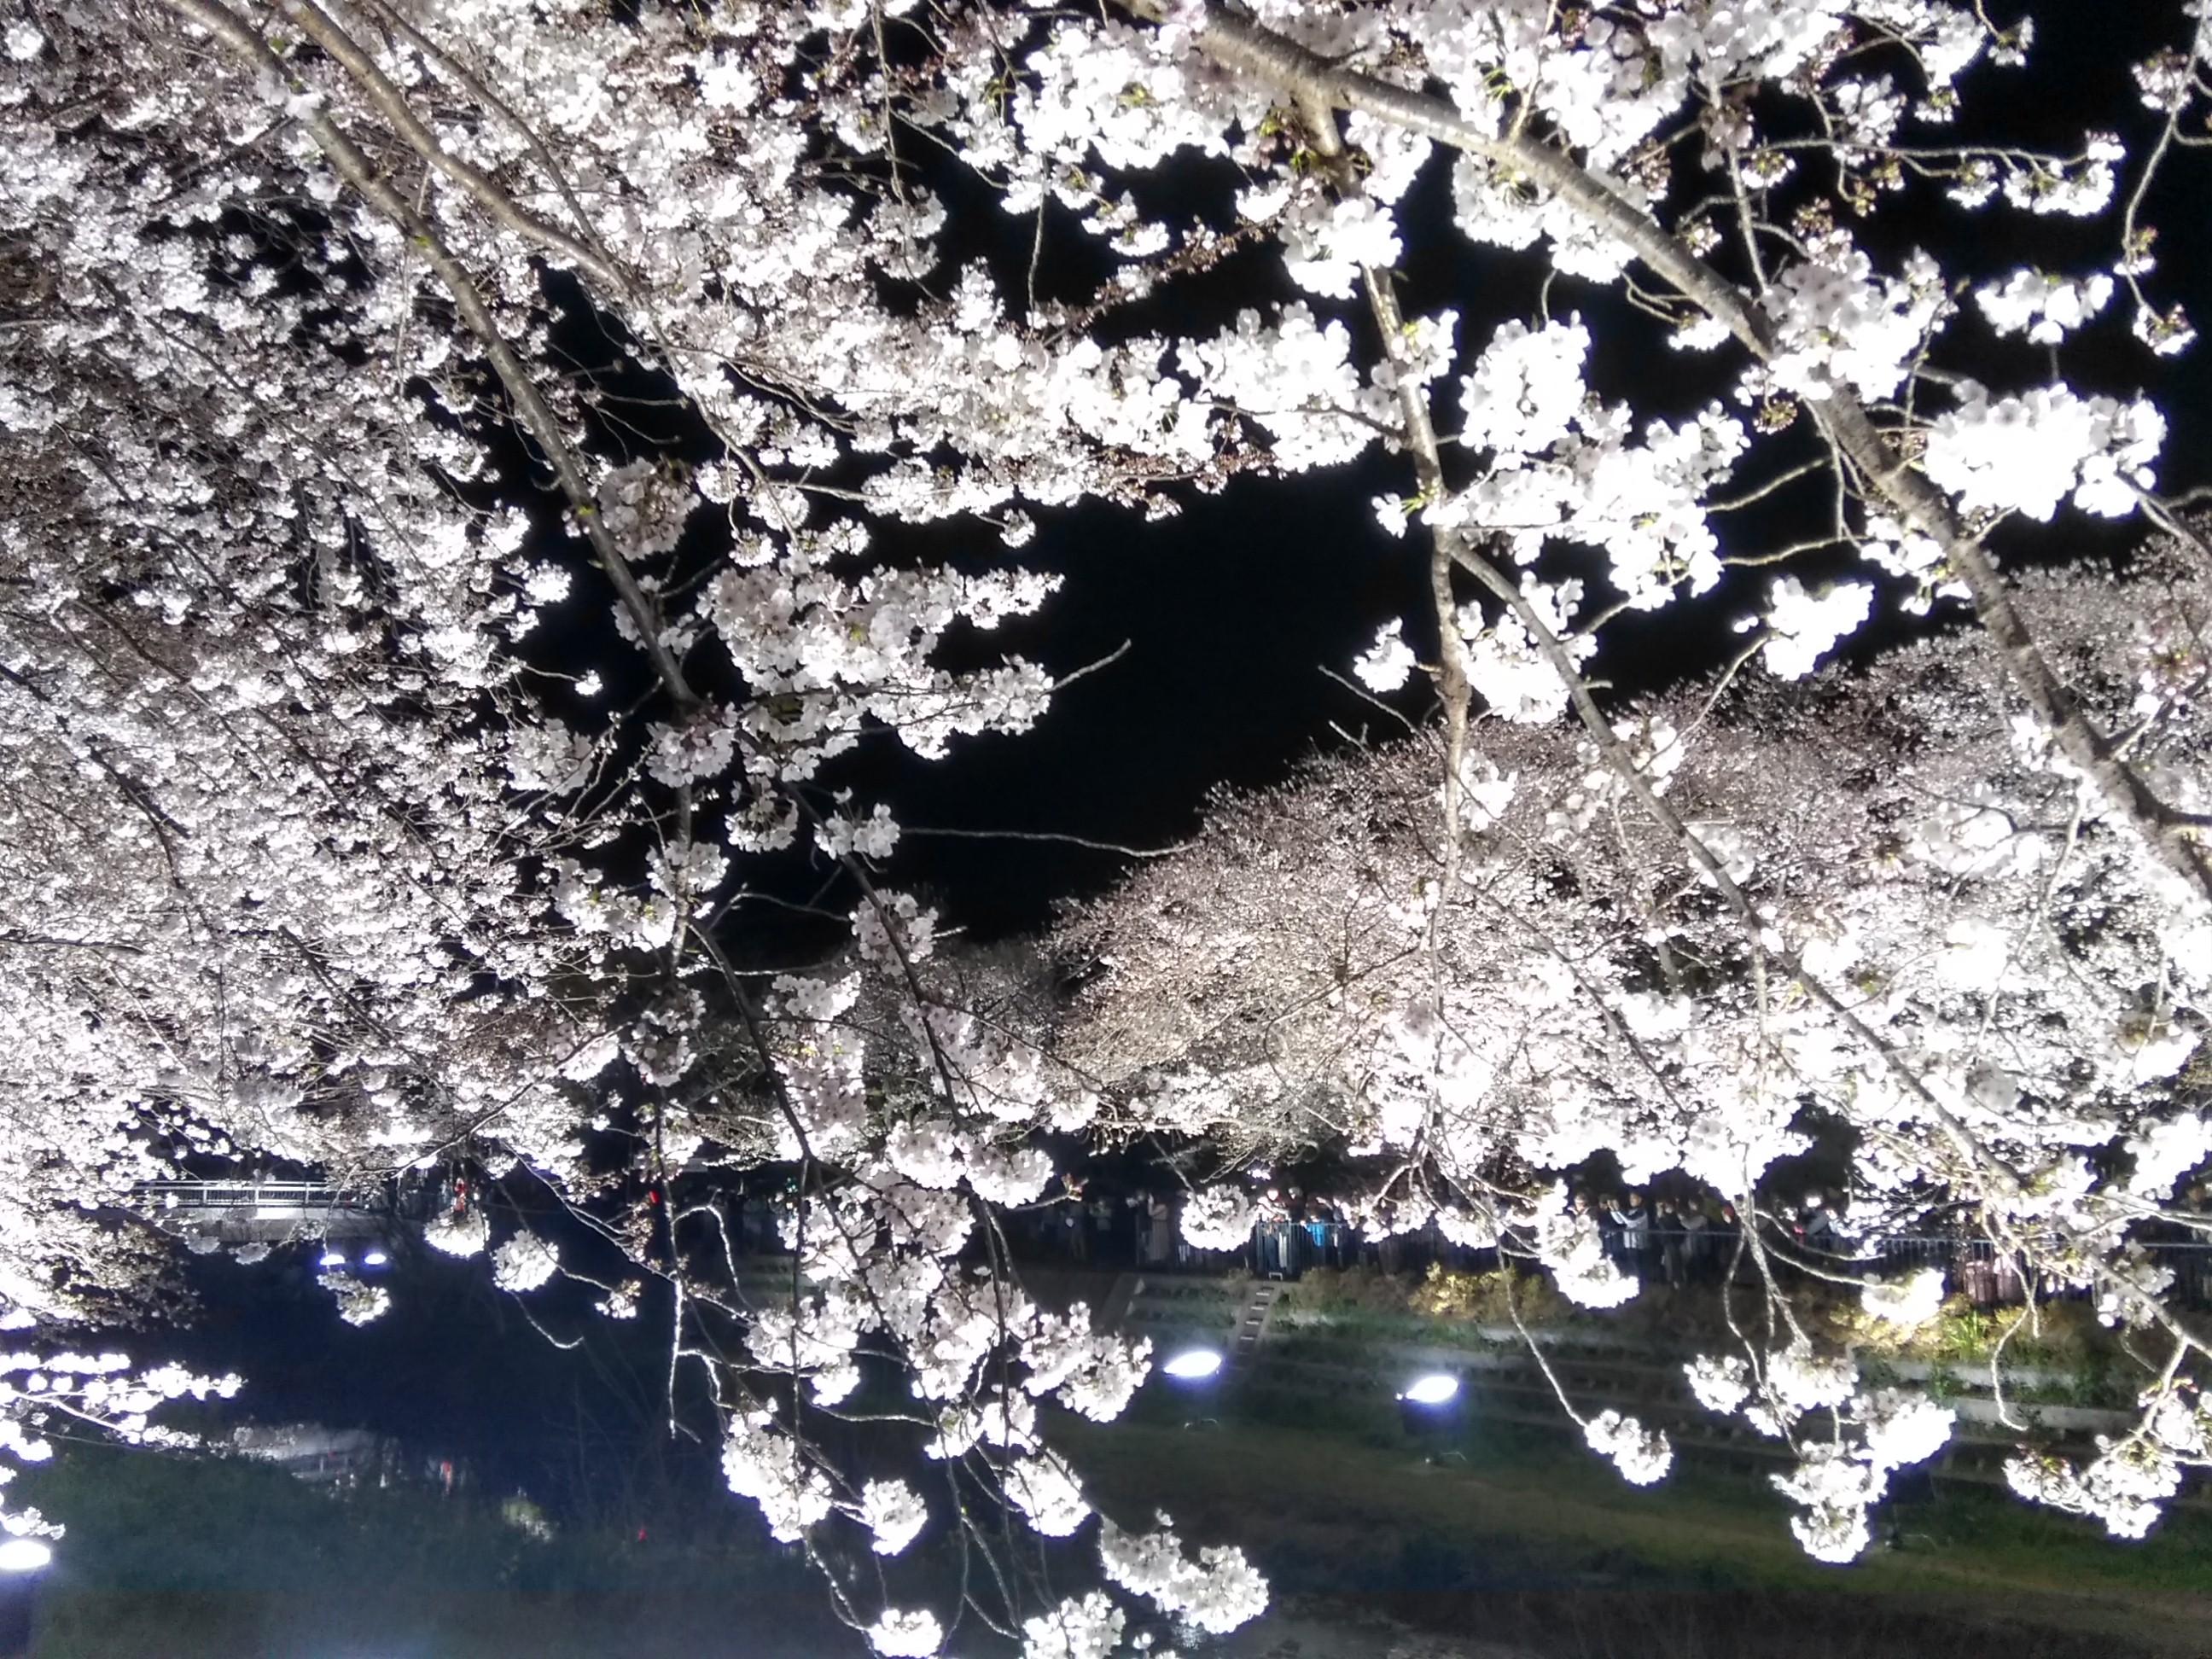 目の前の桜と対岸の桜がとてもキレイです